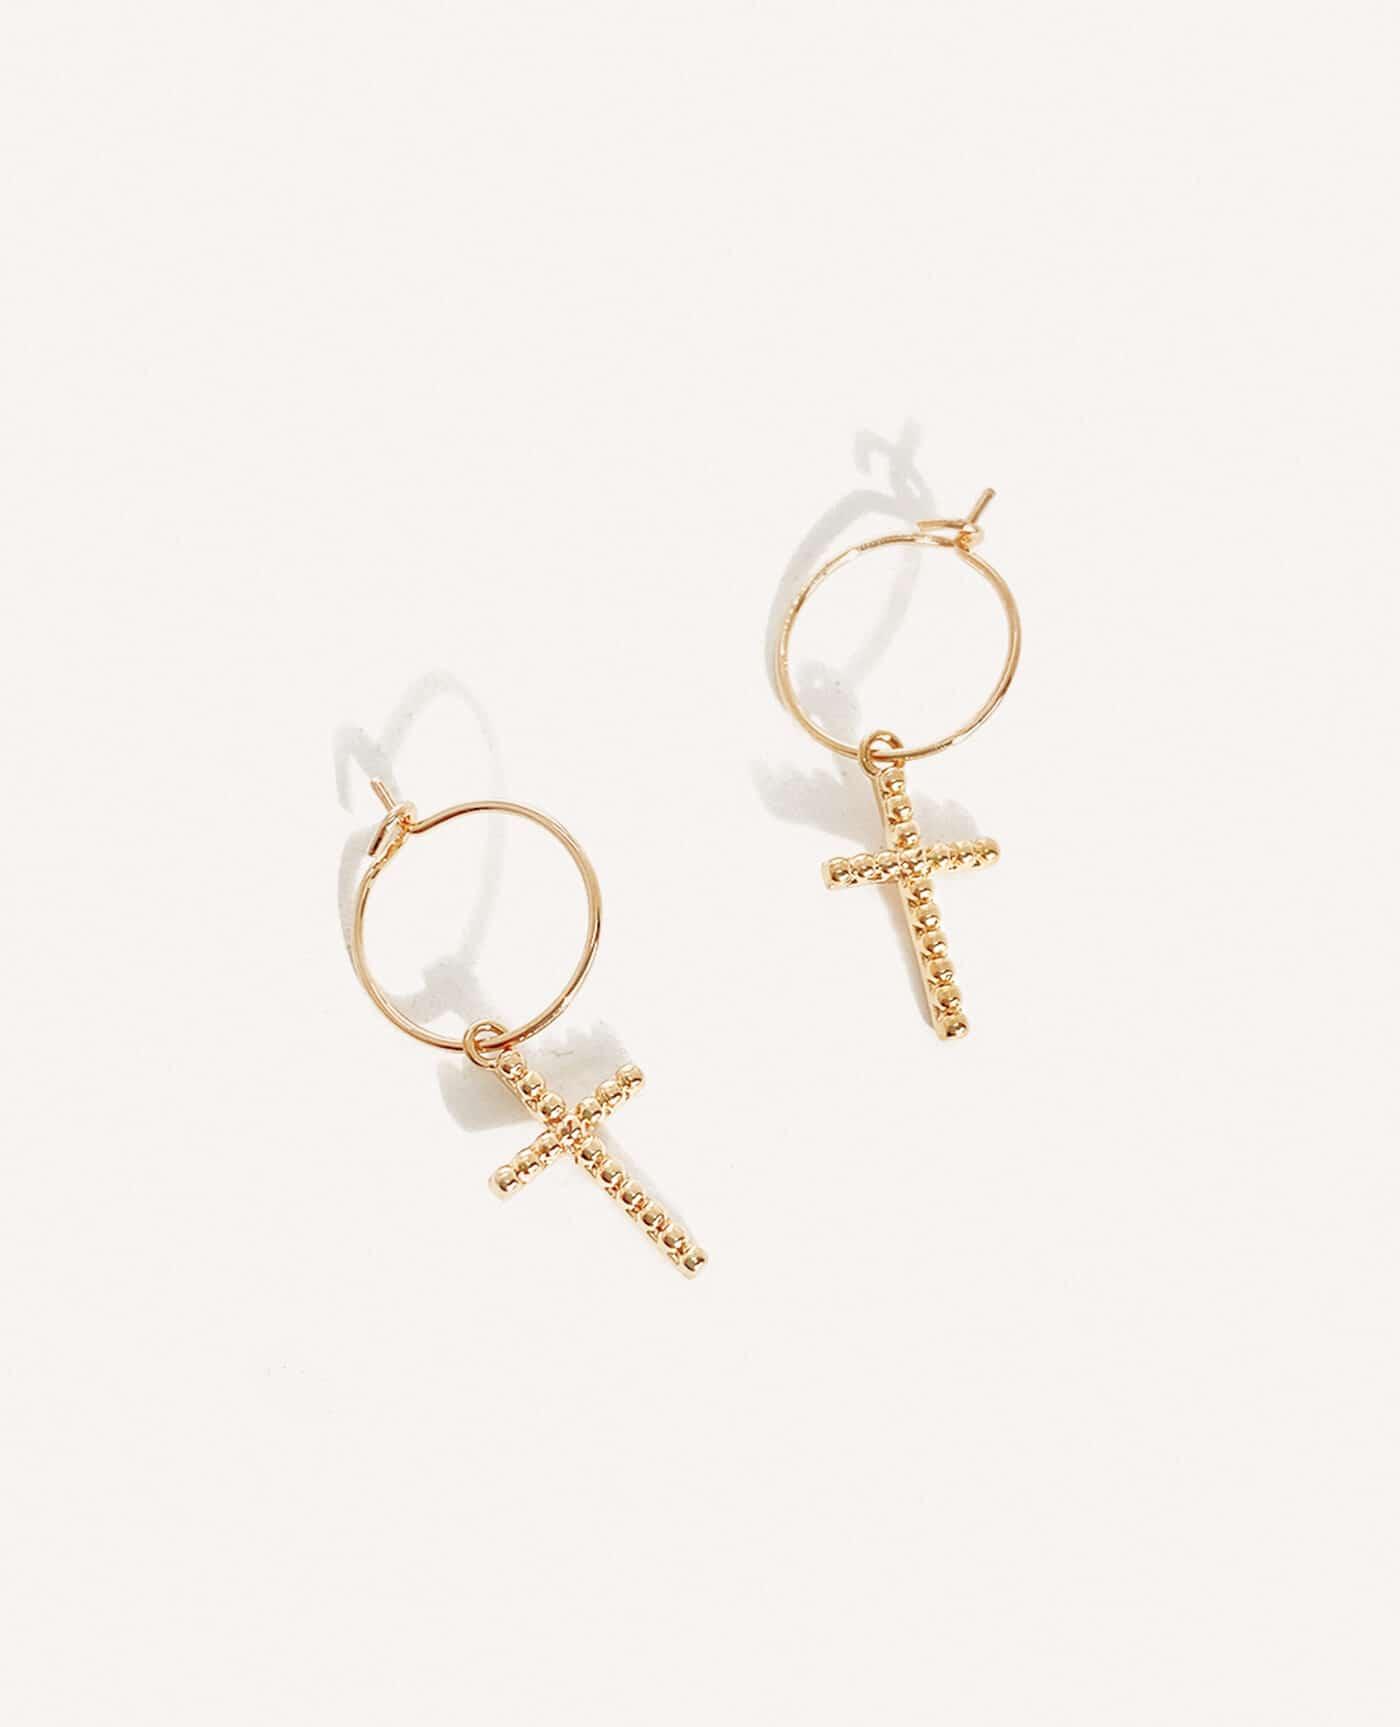 Boucles d'oreilles Croix fines en or de la marque Luj Paris